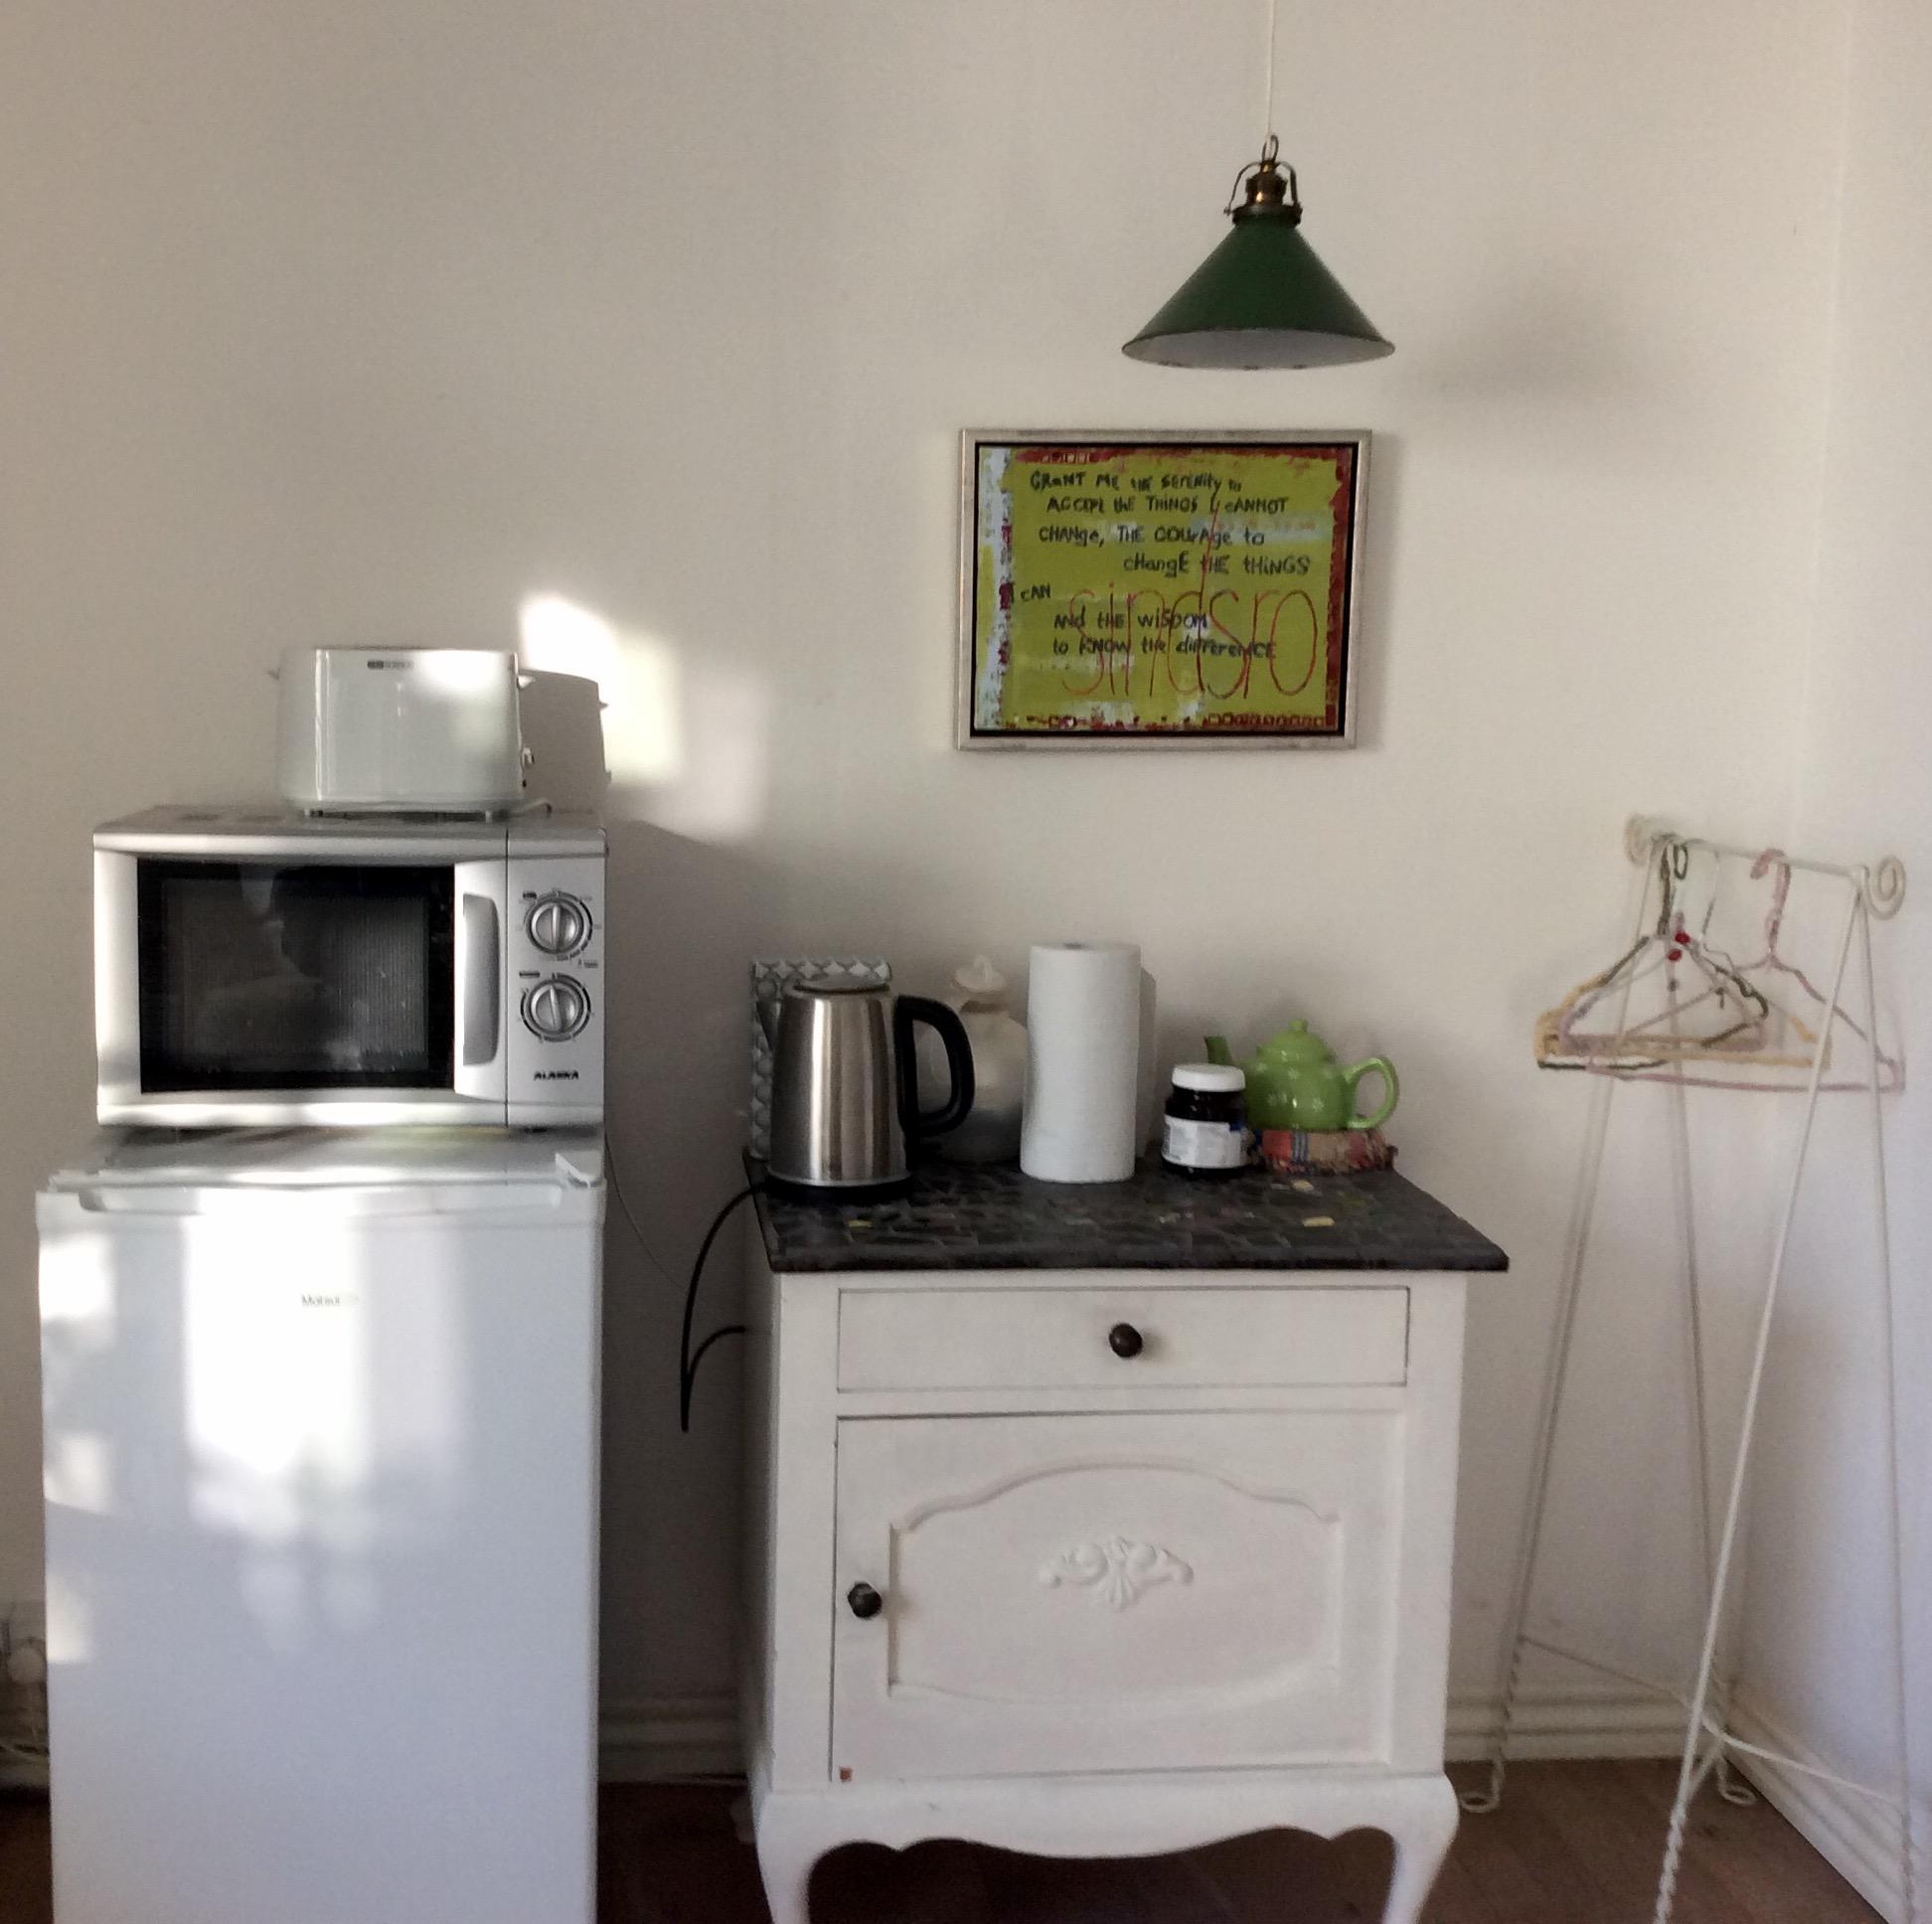 Kleskab  micro ovn elkedeljpg